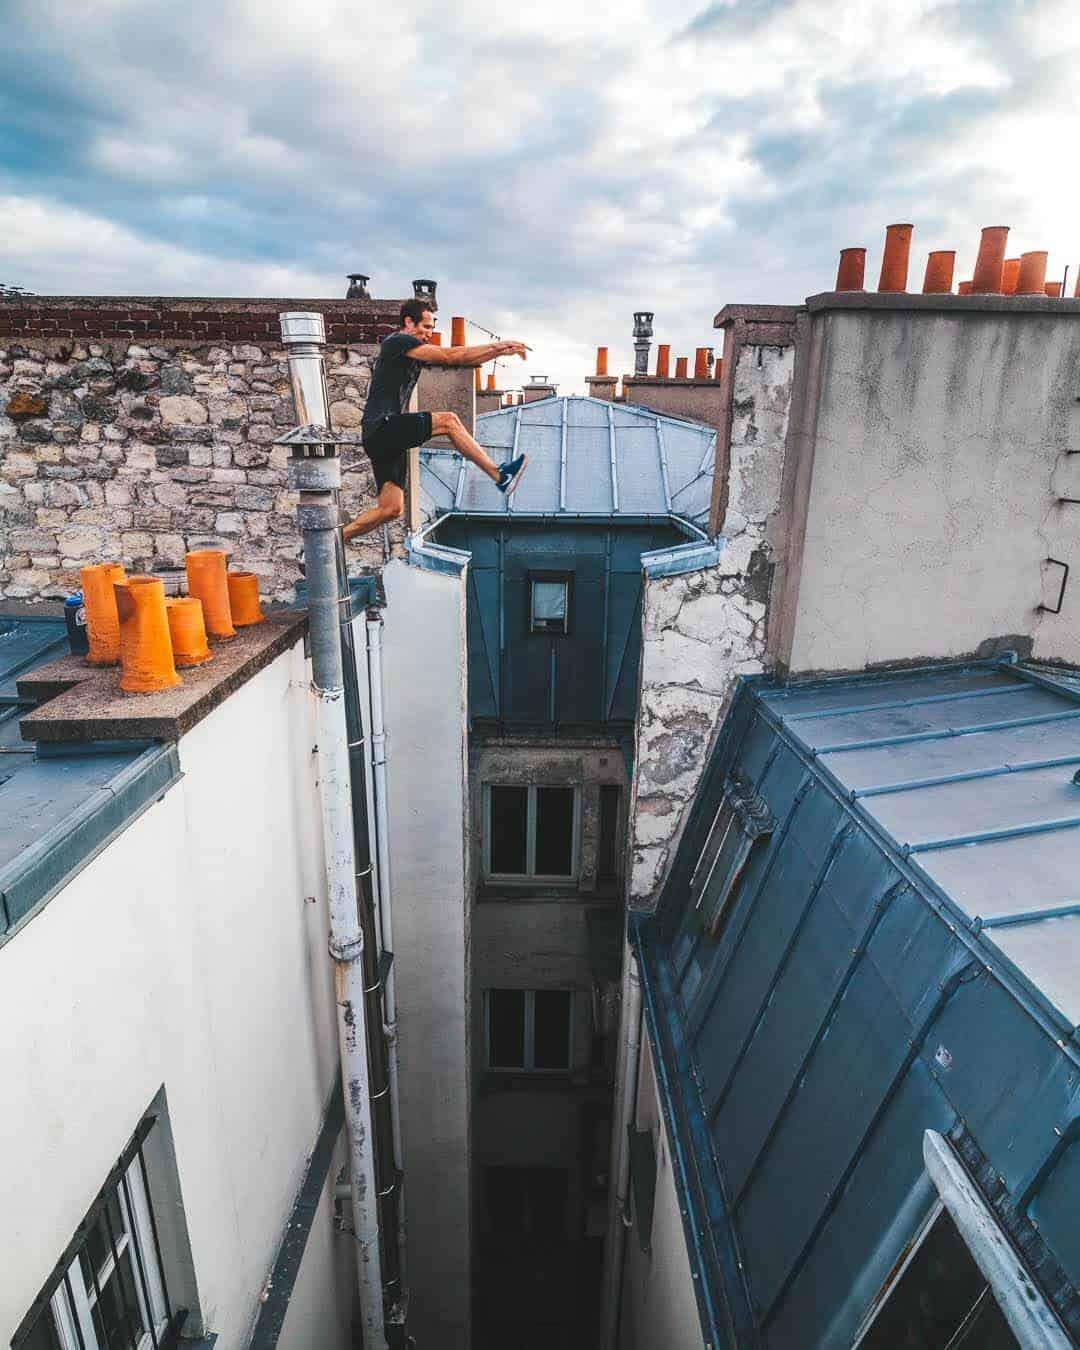 etrefort thibaut parkour clothing outdor paris rooftop pov go